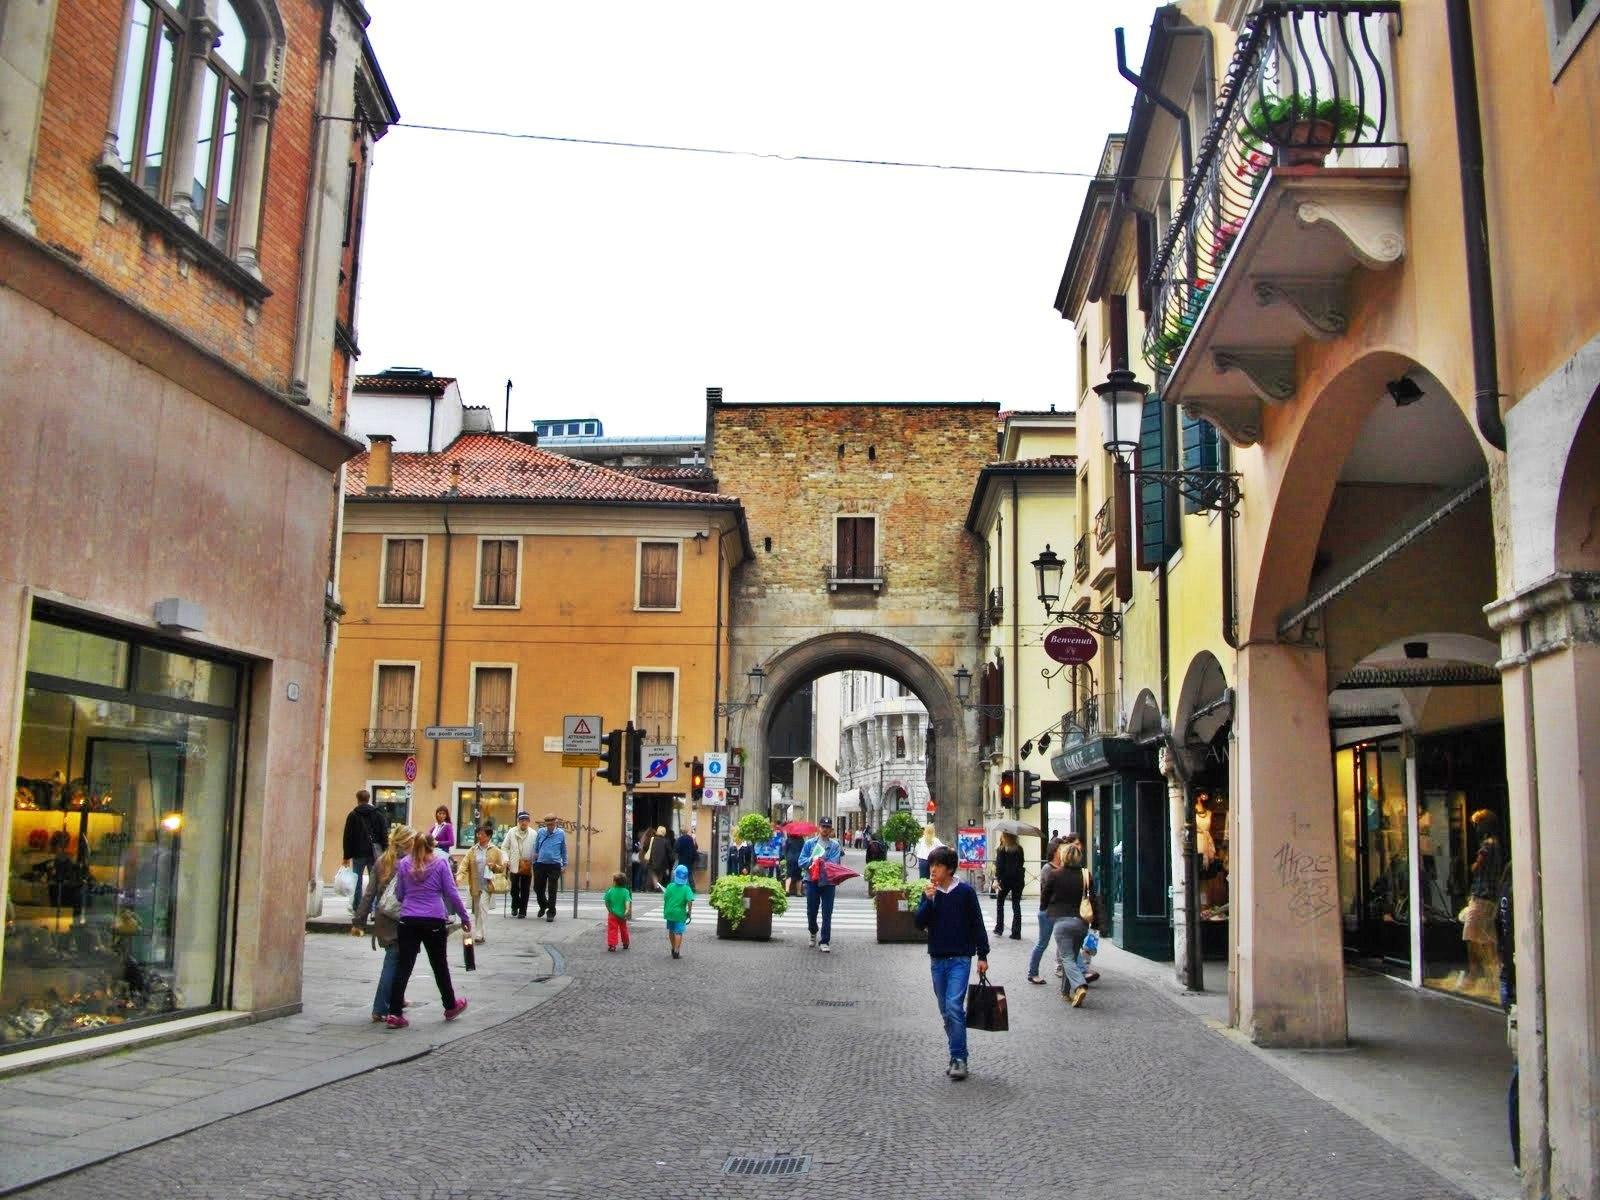 Străduțele înguste, specific italiene, îmbie la plimbări îndelungate